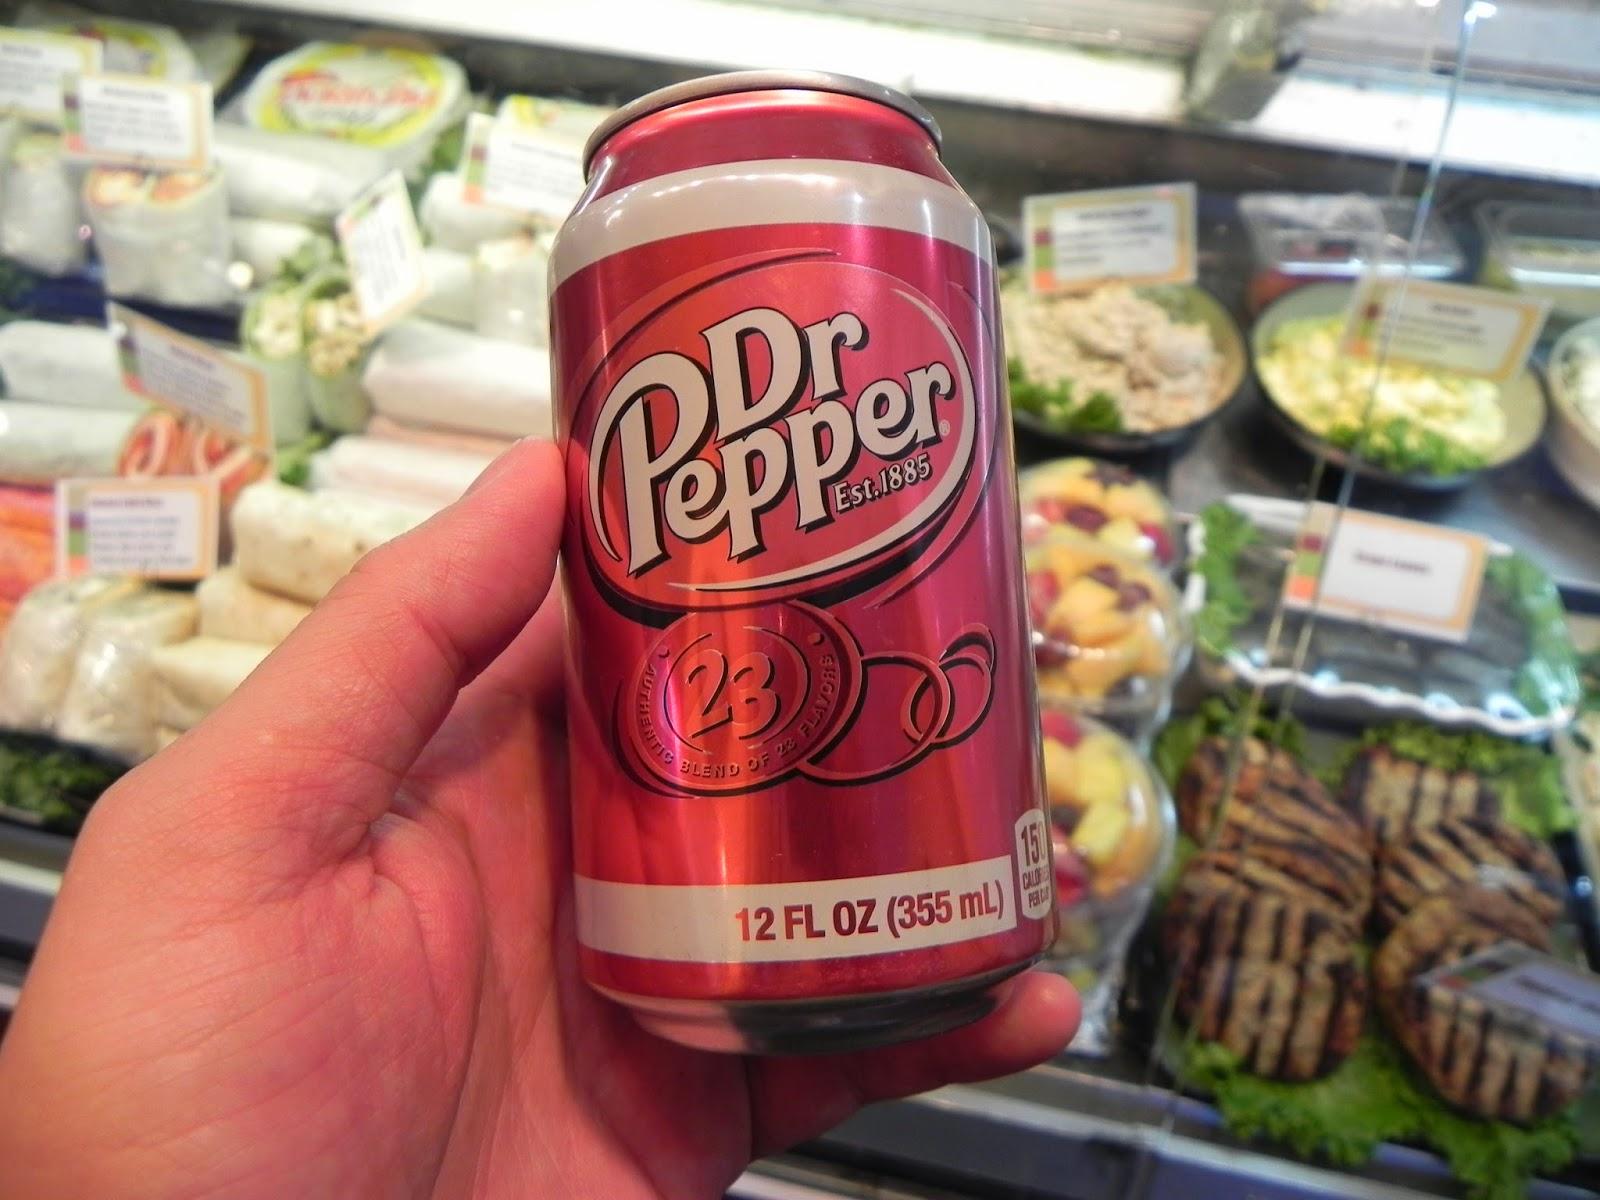 Nova York refrigerante dr. pepper